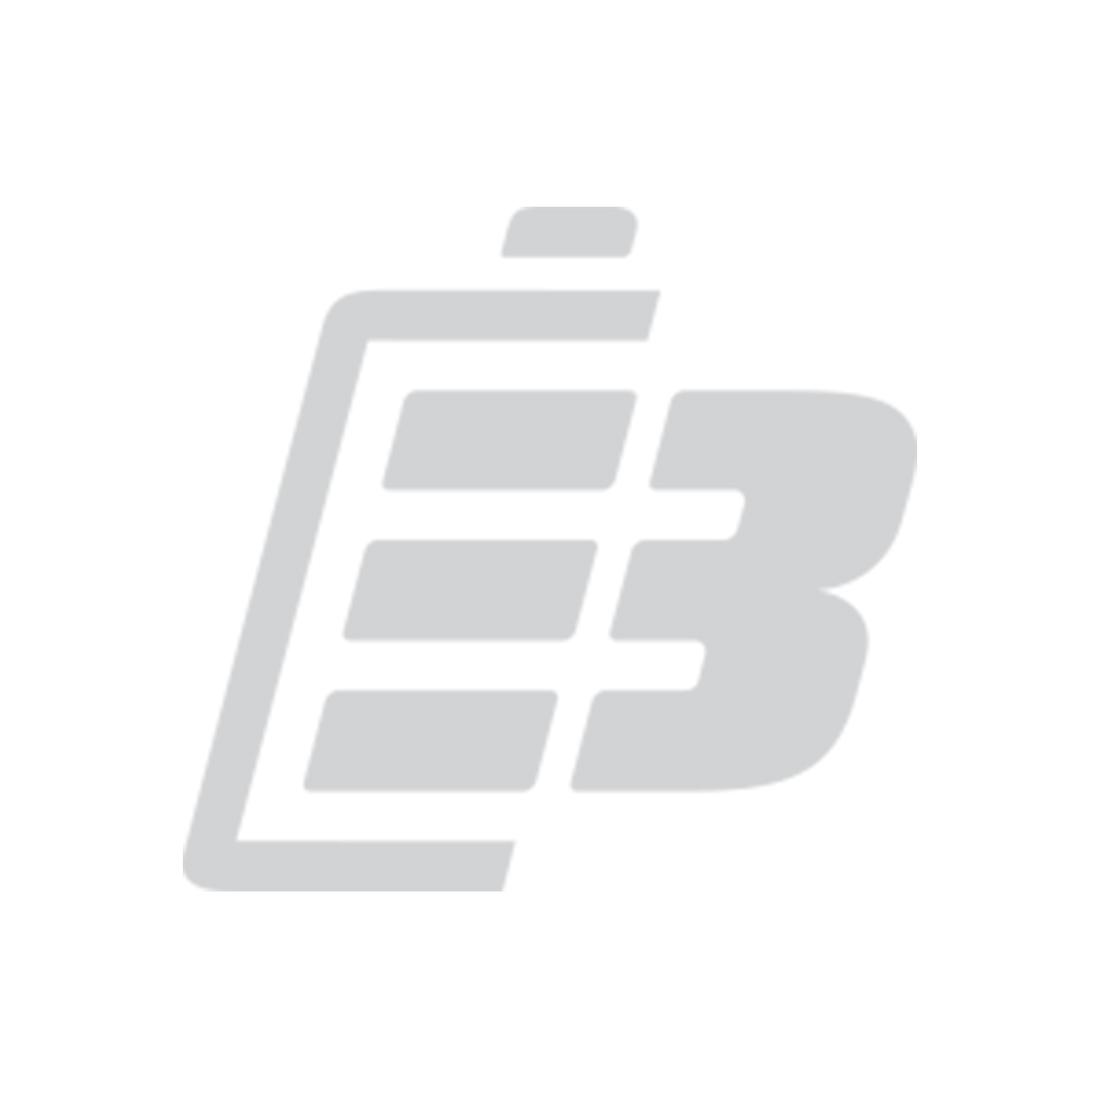 Ψηφιακος Φορτιστης & αναλυτης Powerex MH-C9000 1